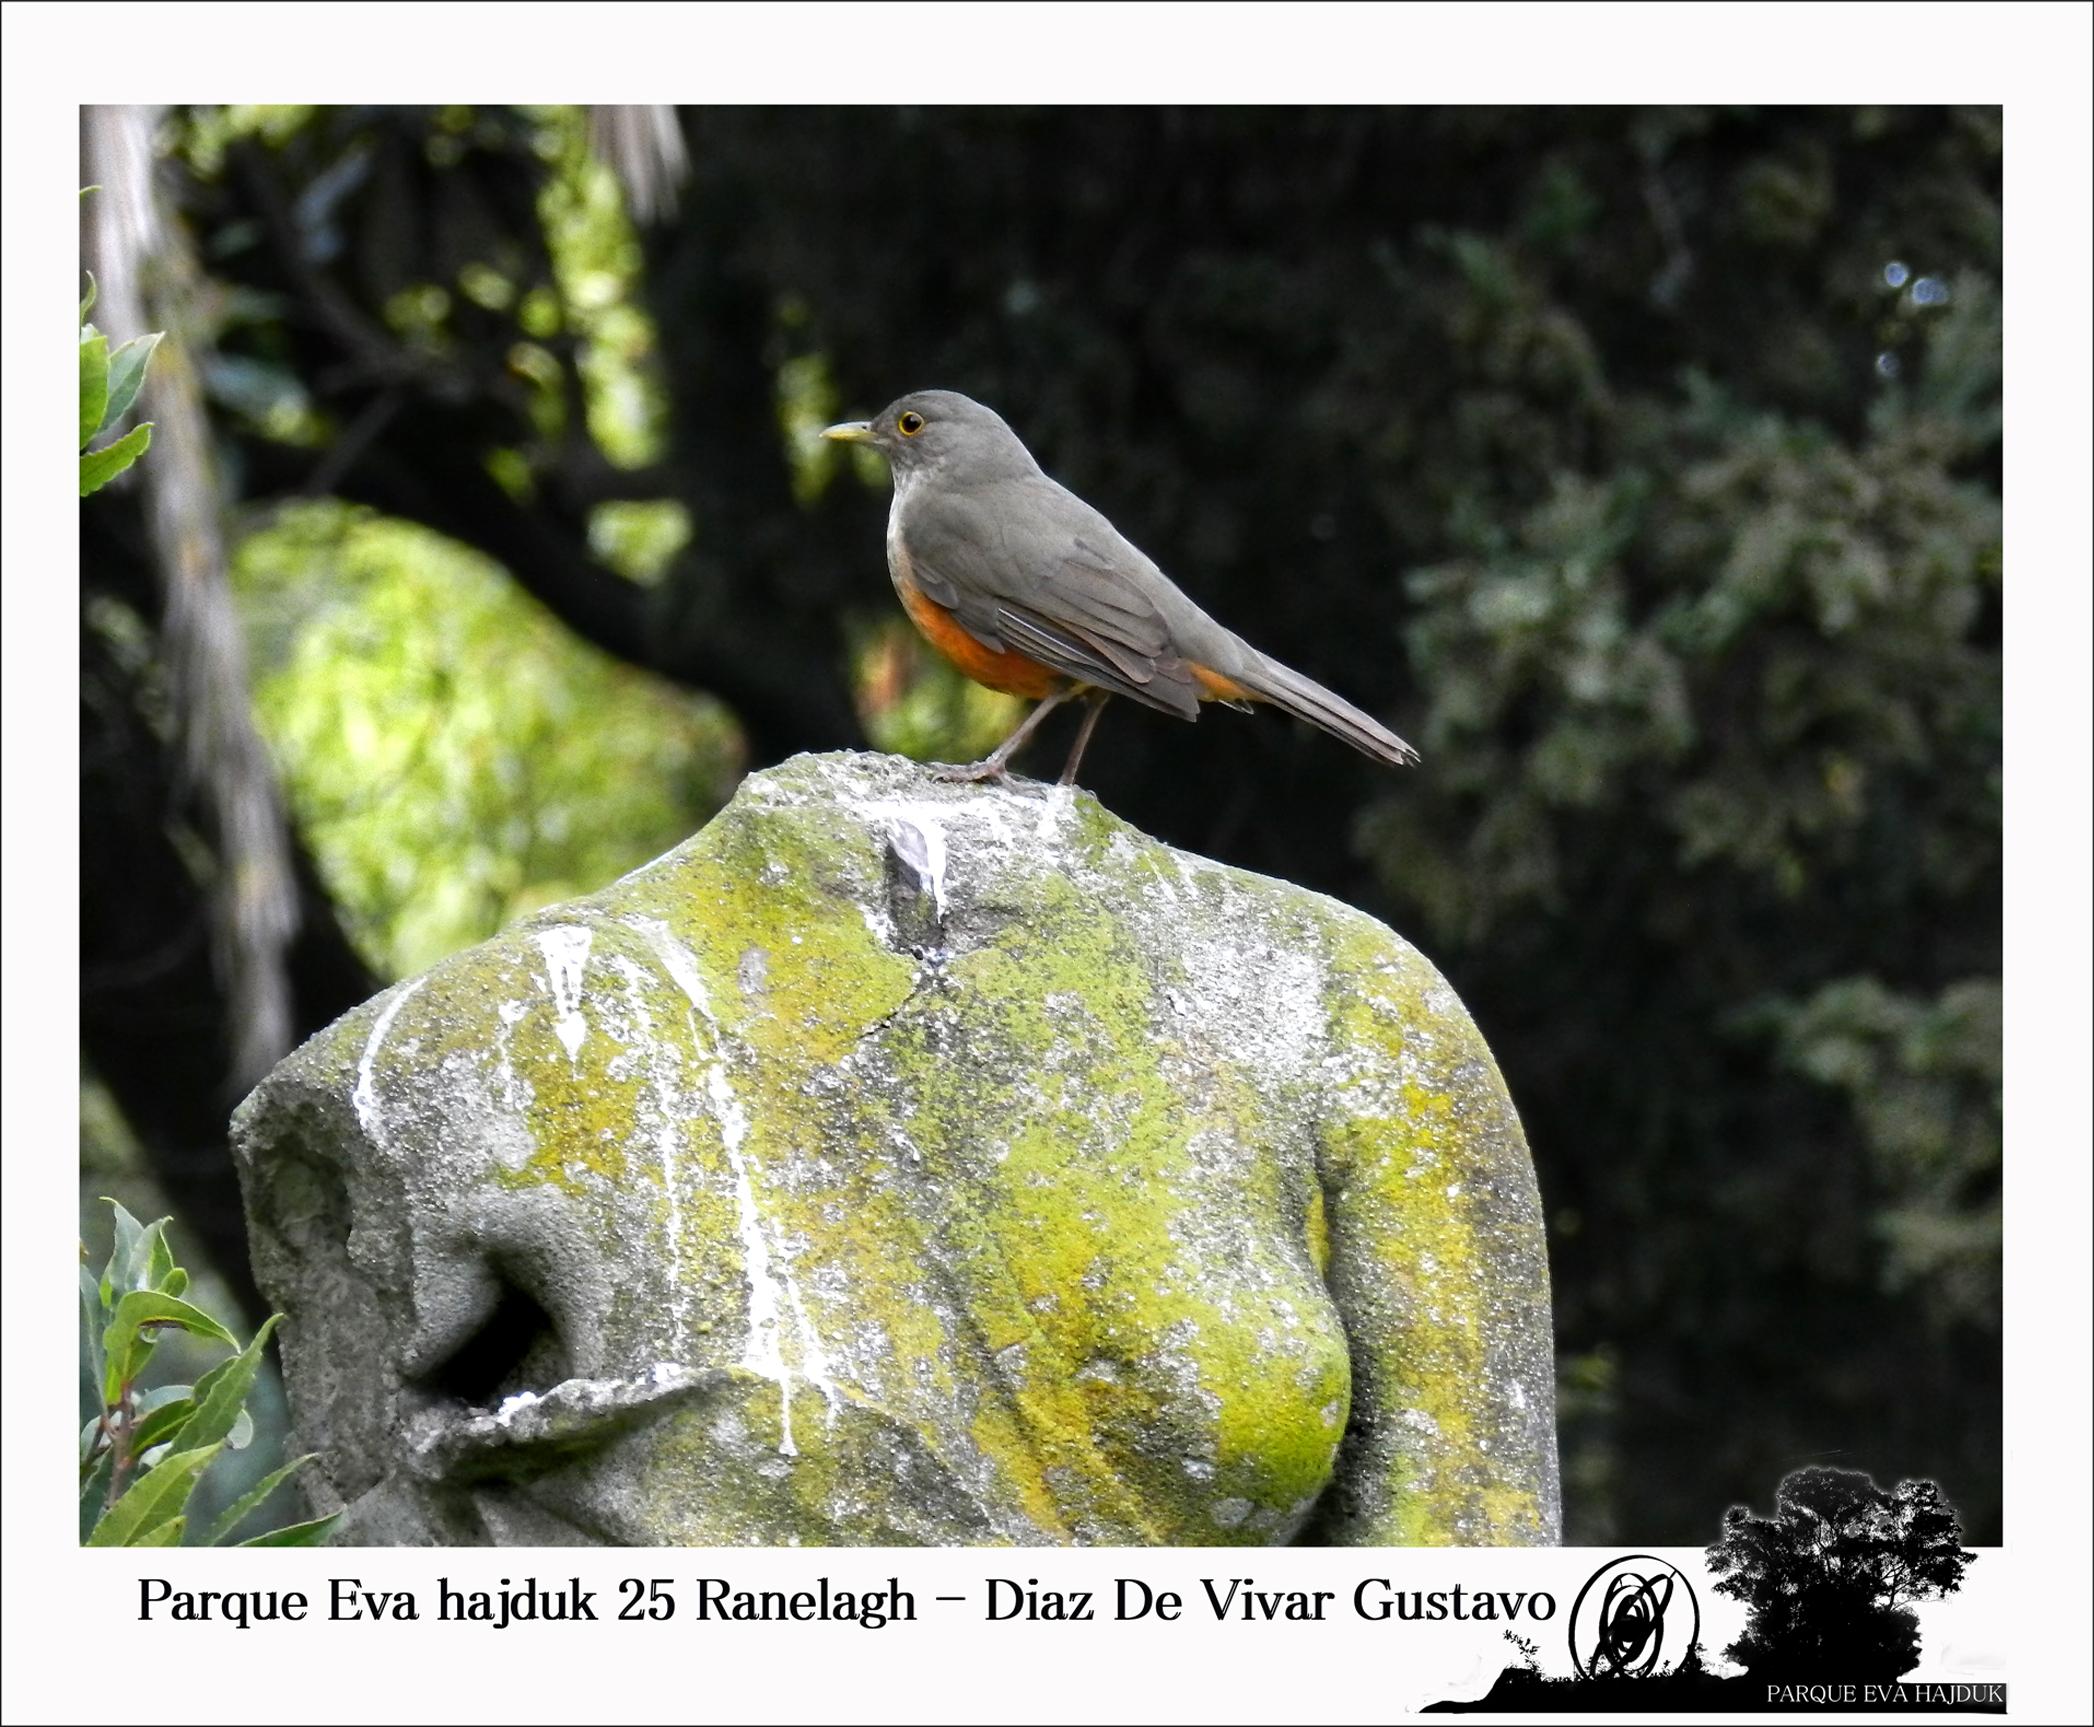 Parque Eva hajduk 25 Ranelagh - Diaz De Vivar Gustavo